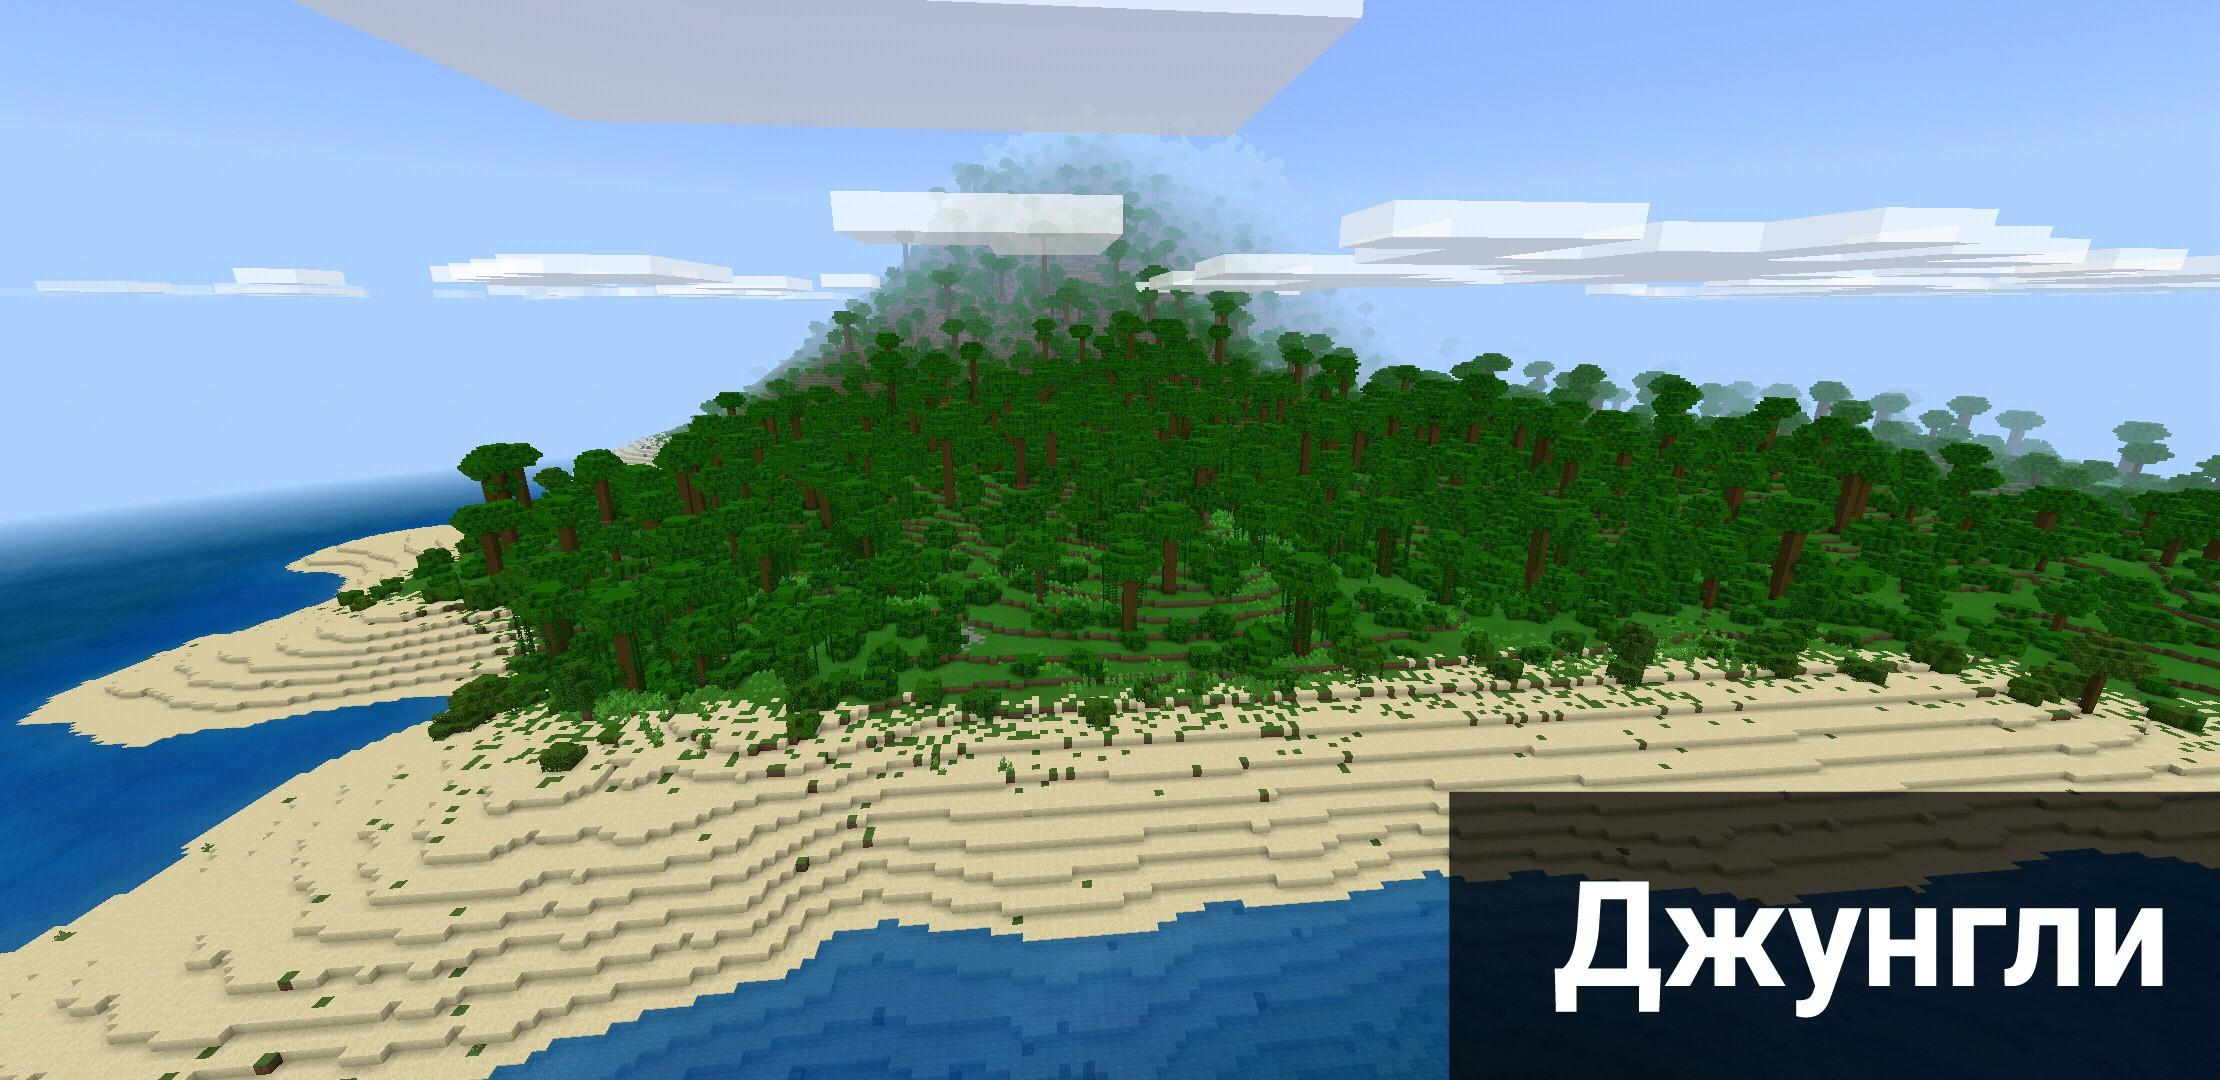 Карта на остров с джунглями для Майнкрафт ПЕ